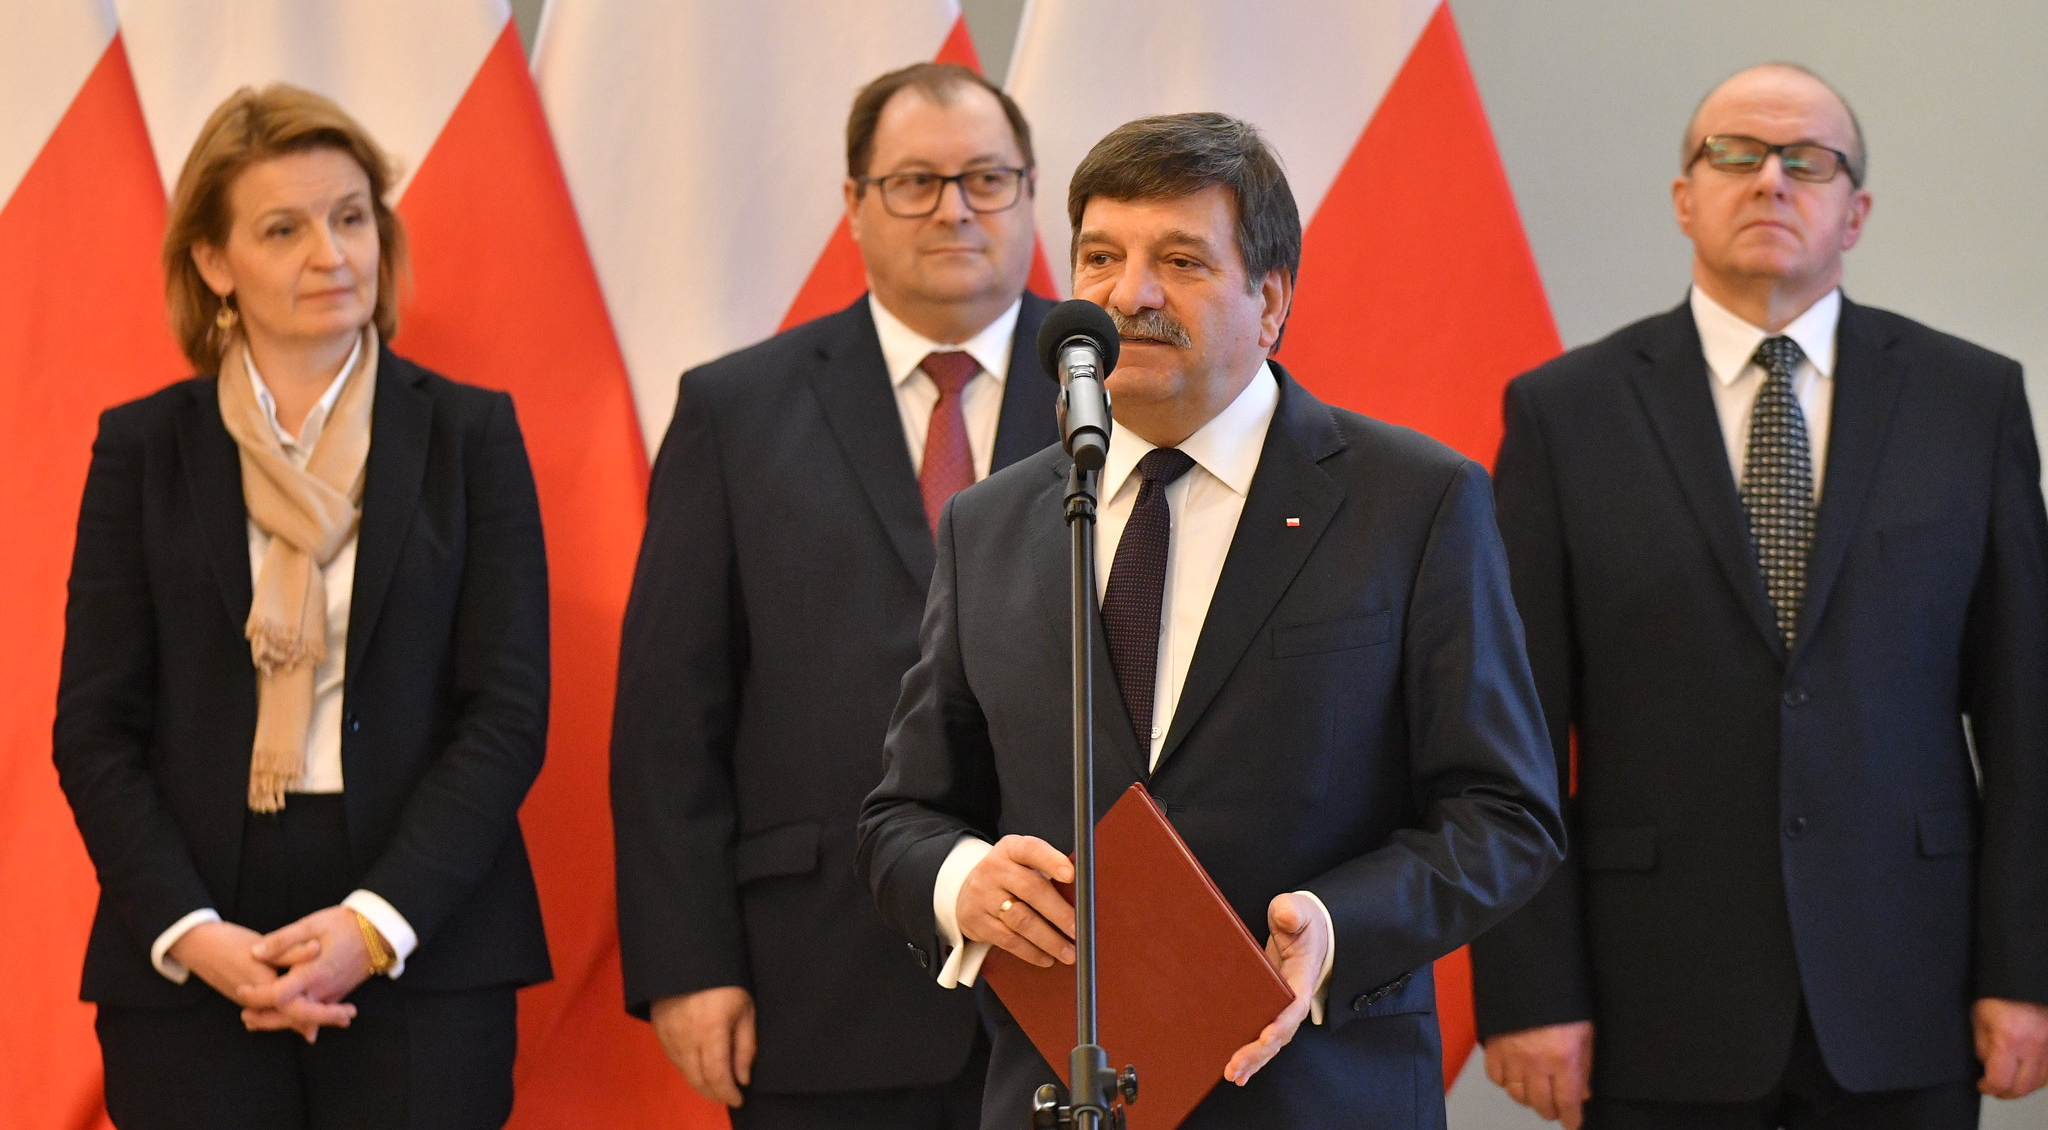 Jan Śniadek podczas pierwszego posiedzenia rady, fot. Łukasz Błasikiewicz / Kancelaria Sejmu